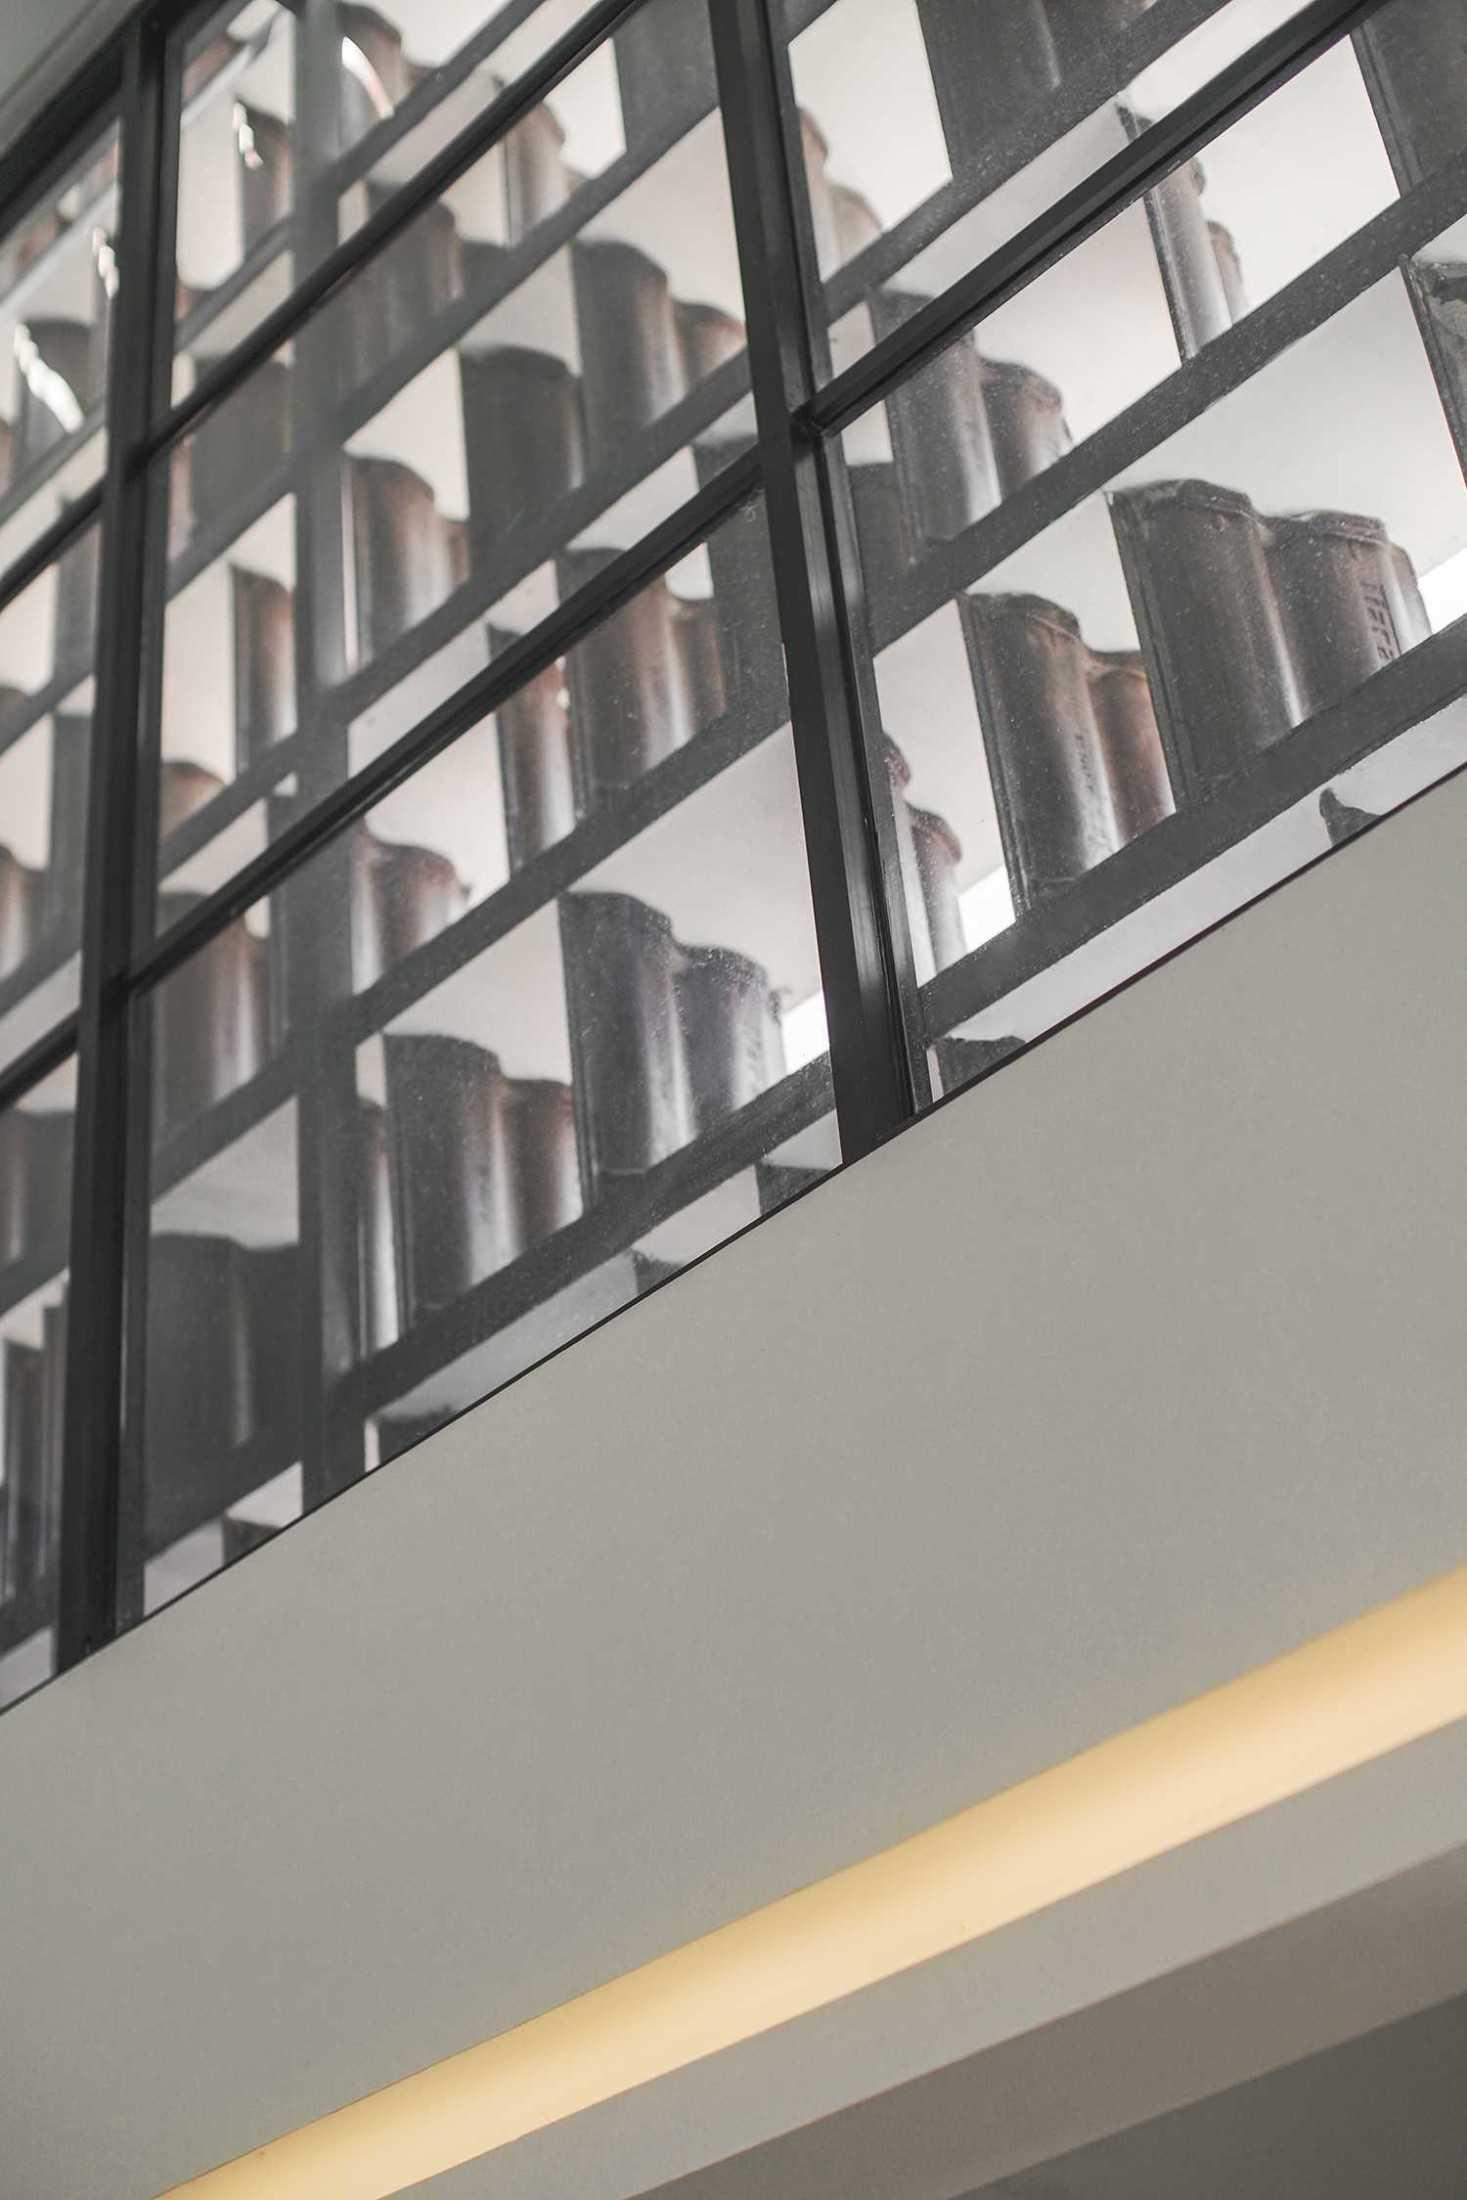 Saso Architecture Studio Rumah Genteng Bintara, Kec. Bekasi Bar., Kota Bks, Jawa Barat, Indonesia Bintara, Kec. Bekasi Bar., Kota Bks, Jawa Barat, Indonesia Saso-Architecture-Studio-Rumah-Genteng  79380